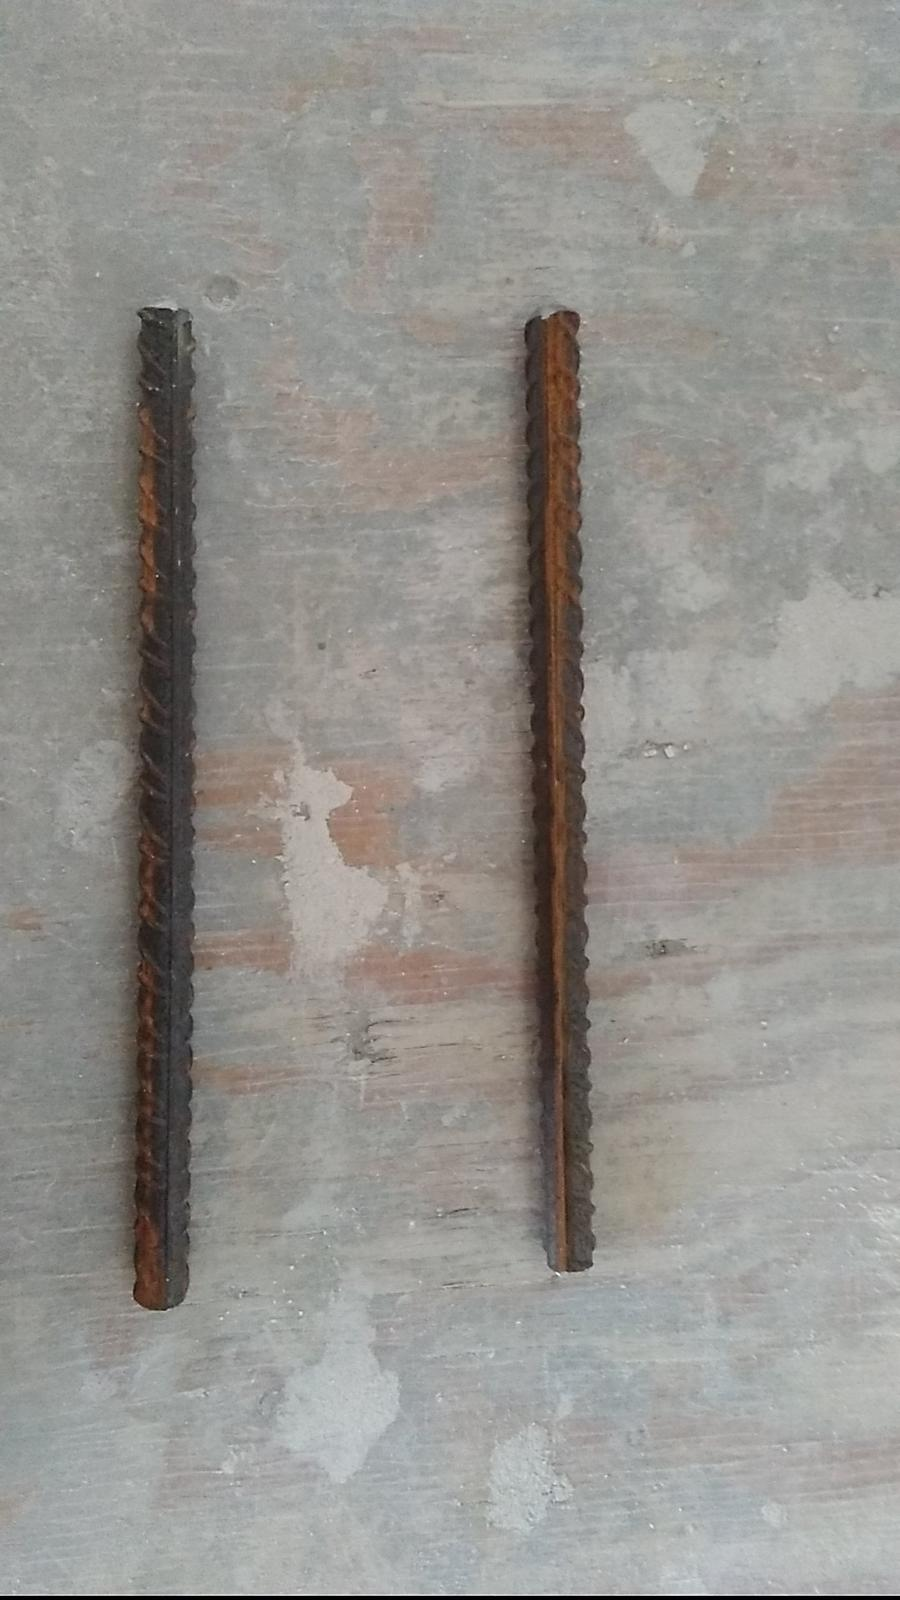 Ytongový překlad z příčkovky (nenosný) - 10mm roxor - délka 20cm - mírně si zbruste kraje, aby šel lépe zatloukat do tvárnice